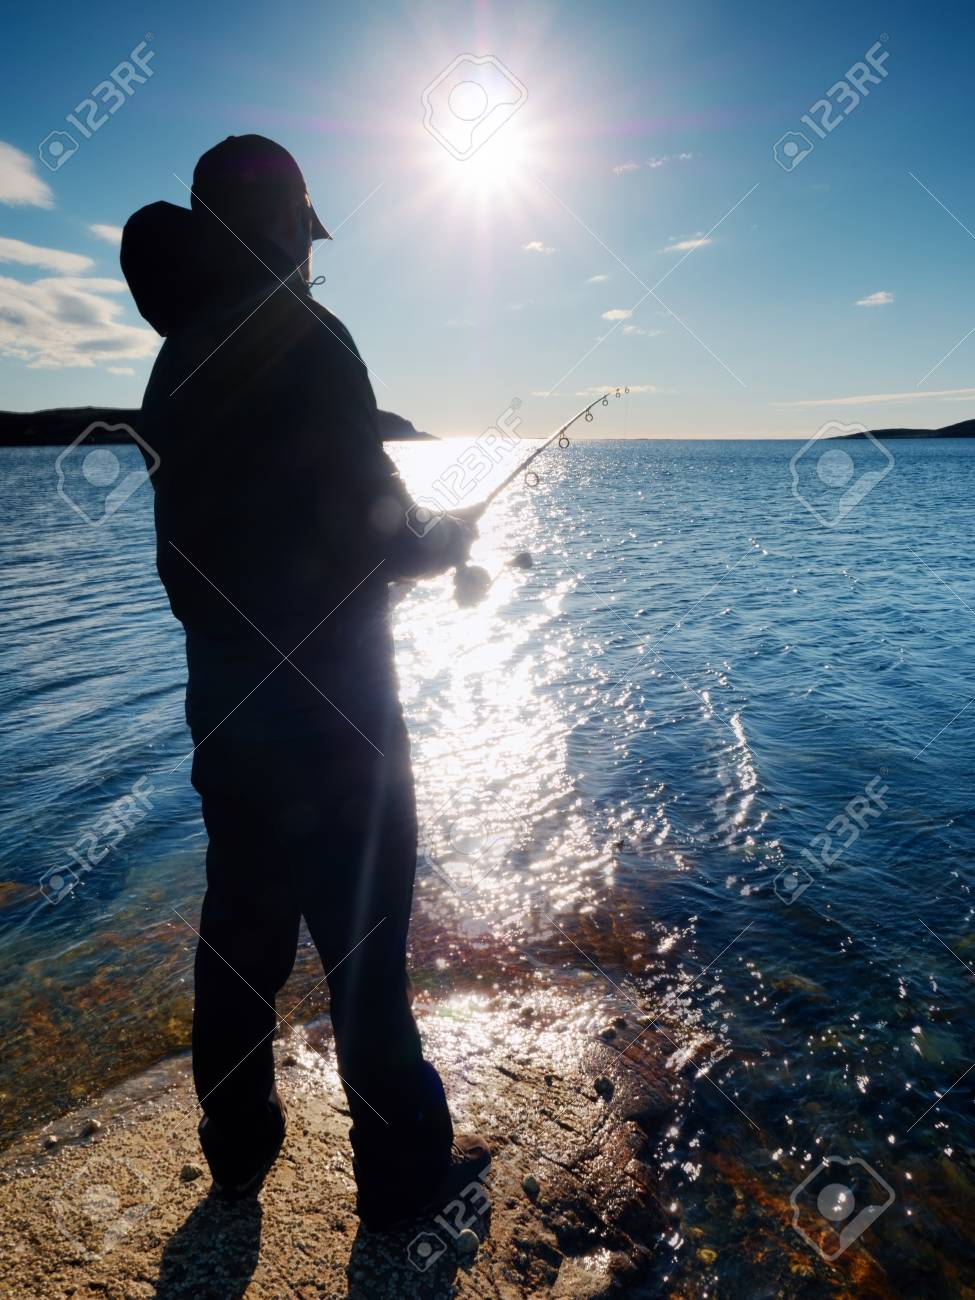 Vista molto vicina del pescatore di lavoro. L uomo controlla l esca di  spinta e lo gettò lontano nel mare. Pescatore con canna da pesca in mano e  si trova ... 1855a88d3bd4